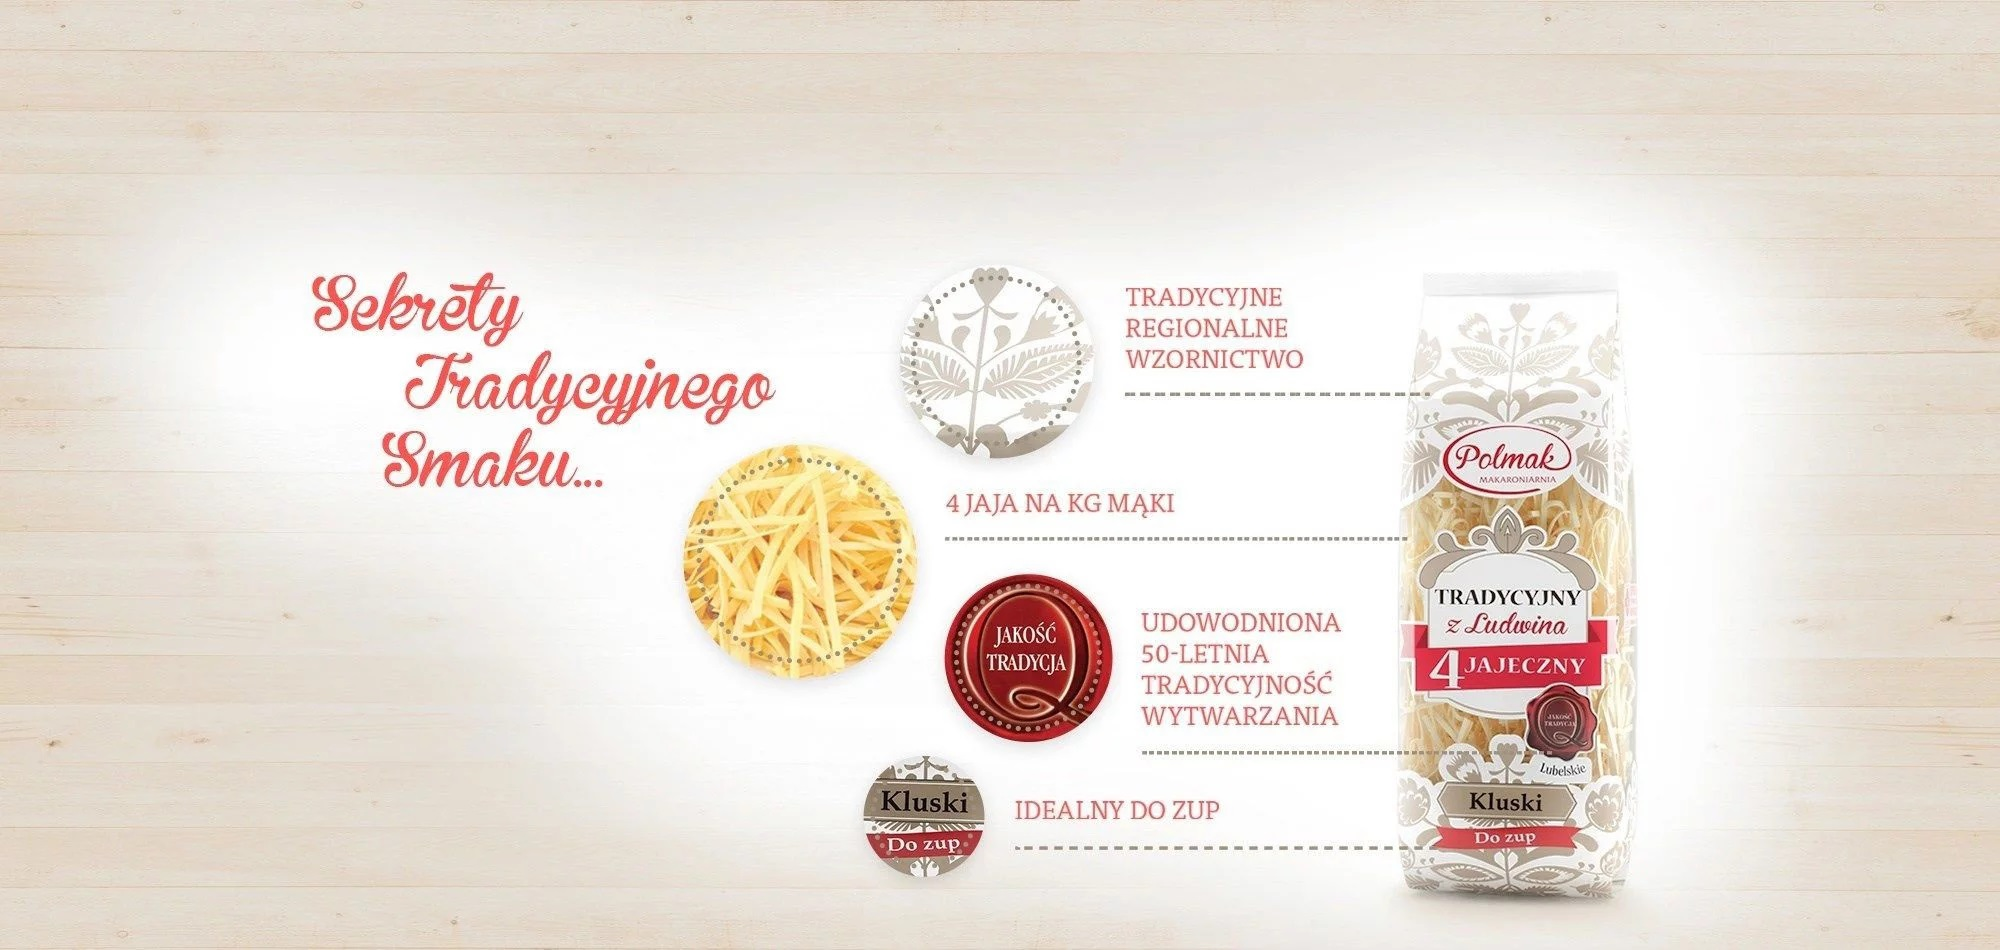 Polmak - sekrety tradycyjnego smaku